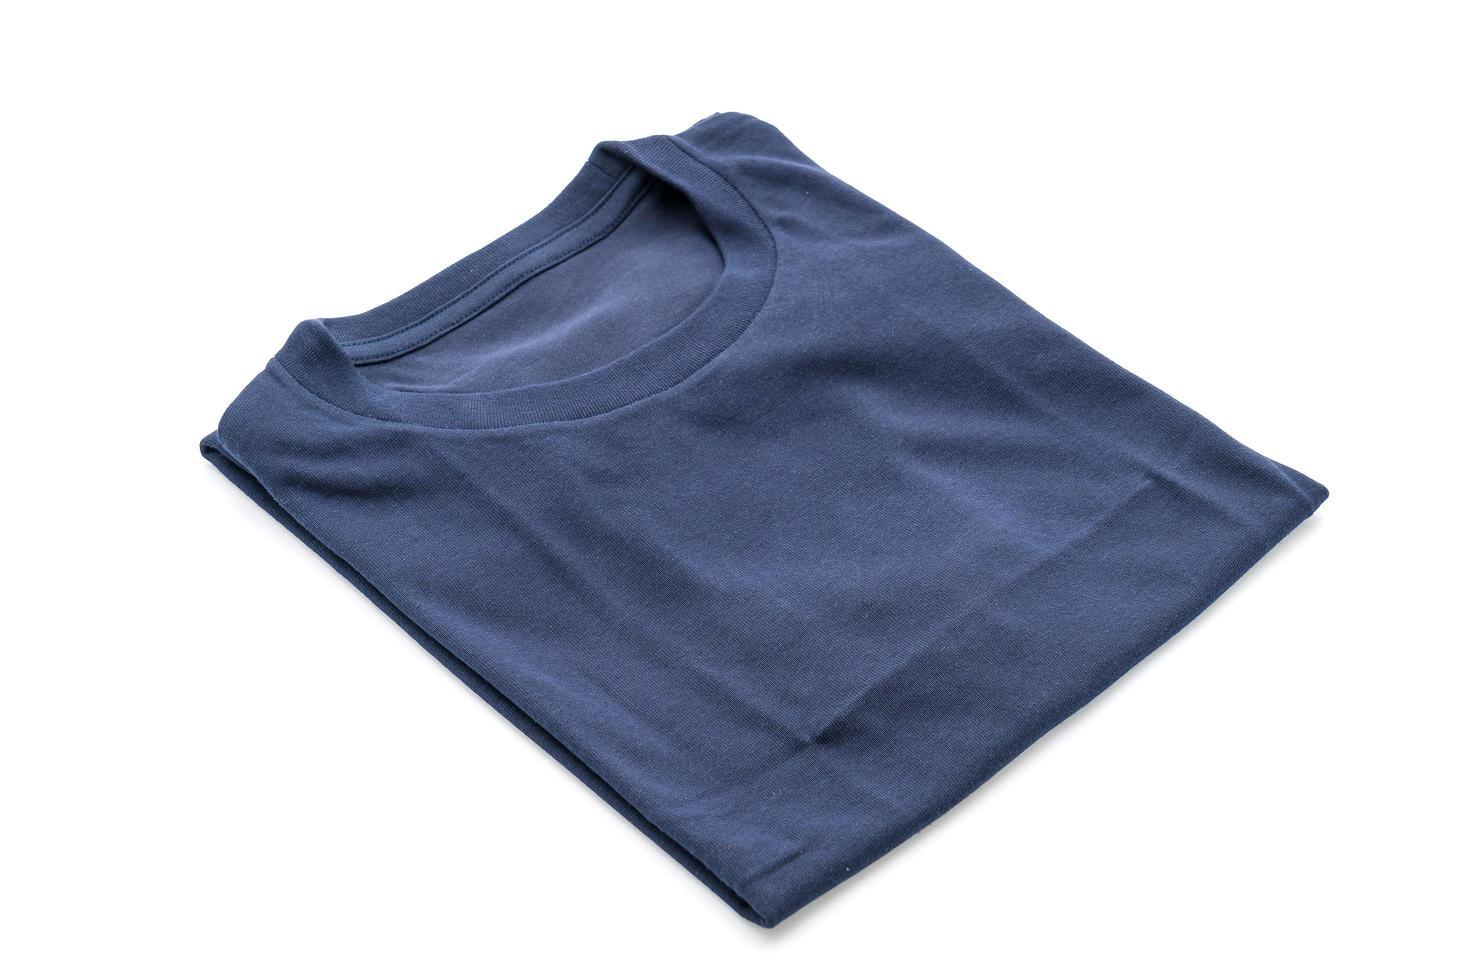 Folded shirt on white background photo